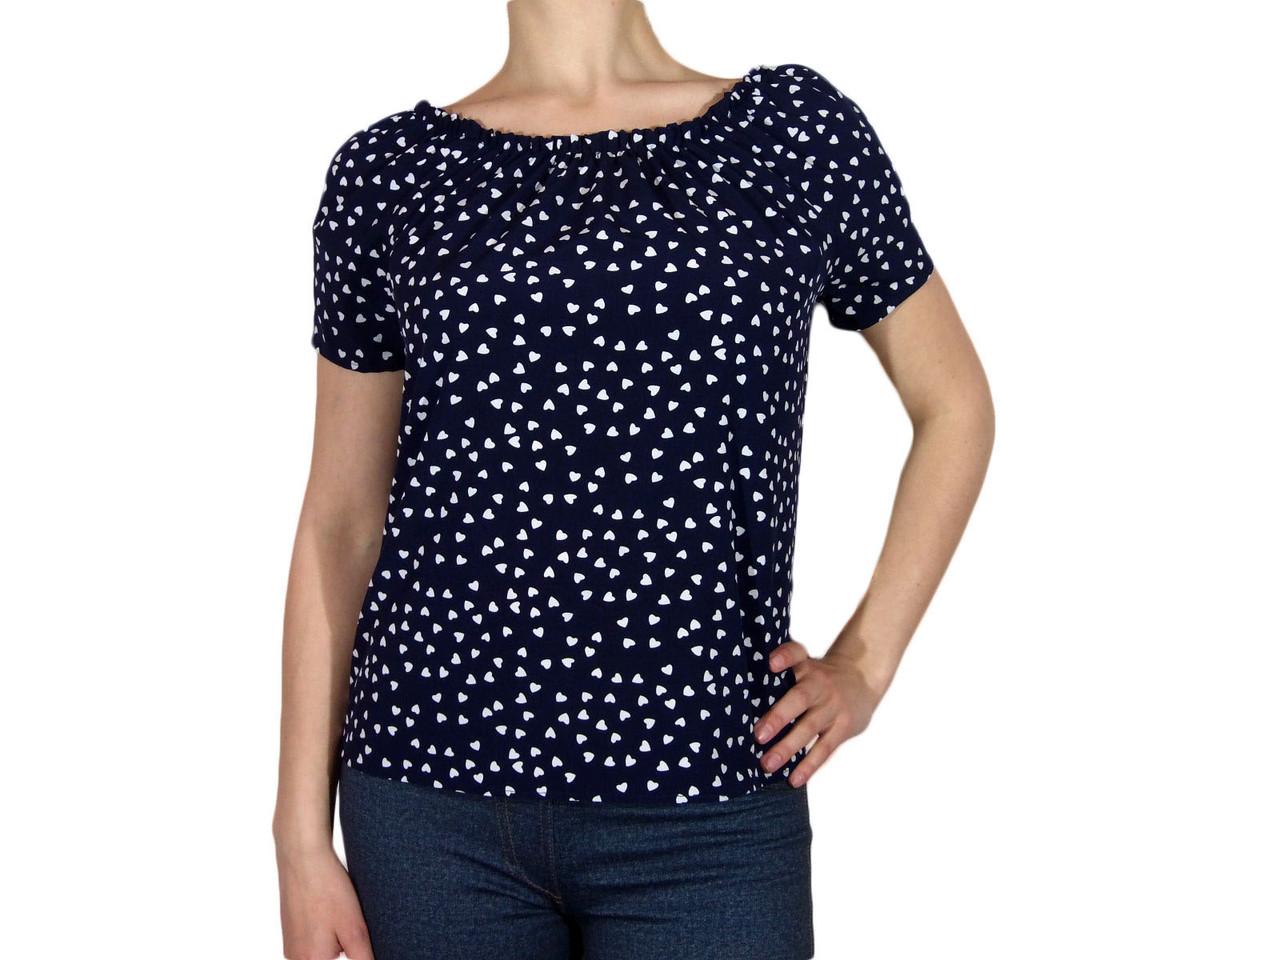 """Женская блузка с коротким рукавом и сборкой тм """"Tasani"""" темно - синяя с сердечками"""